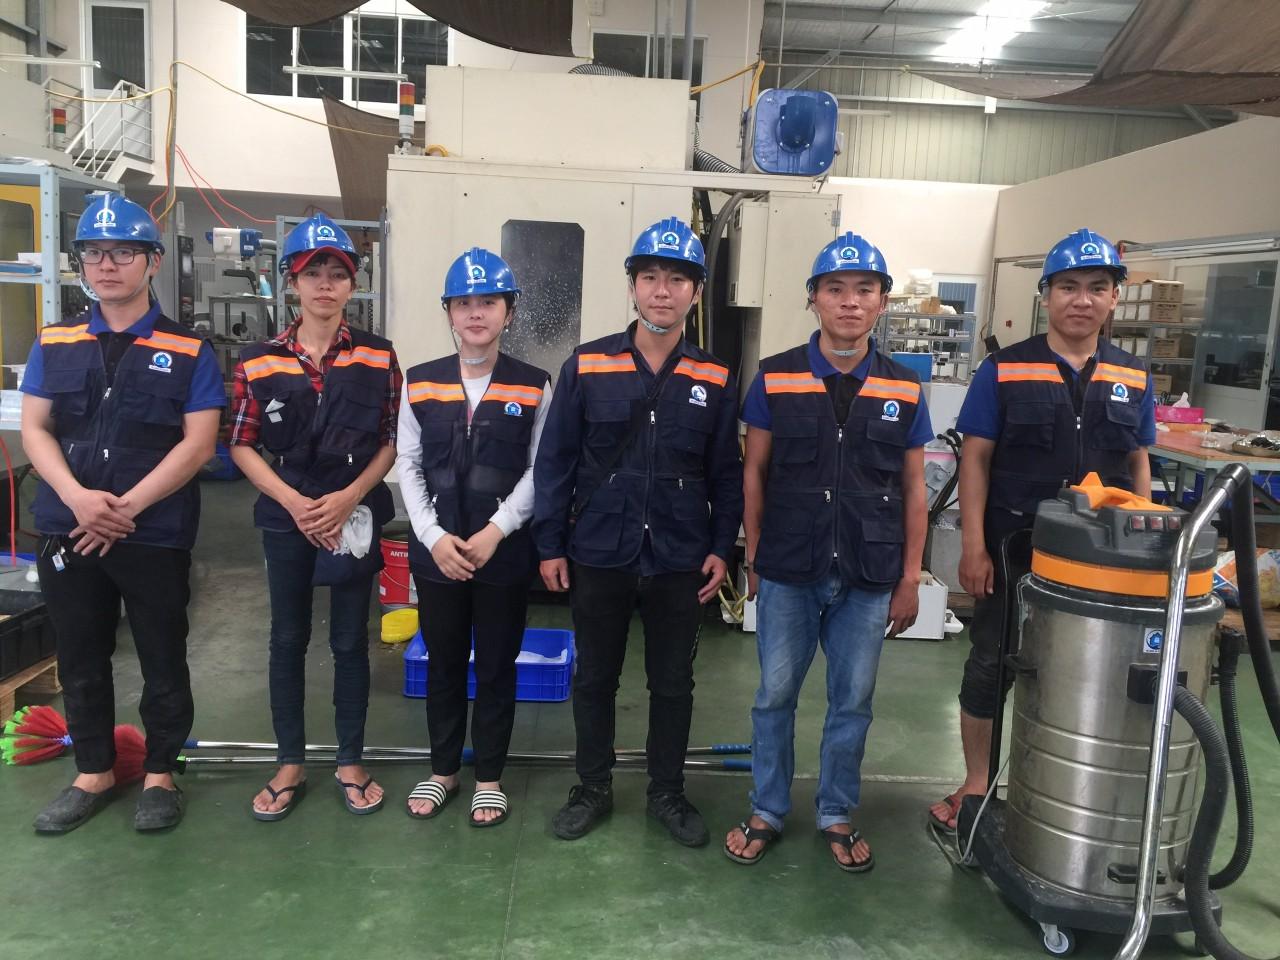 công ty vệ sinh công nghiệp An khang